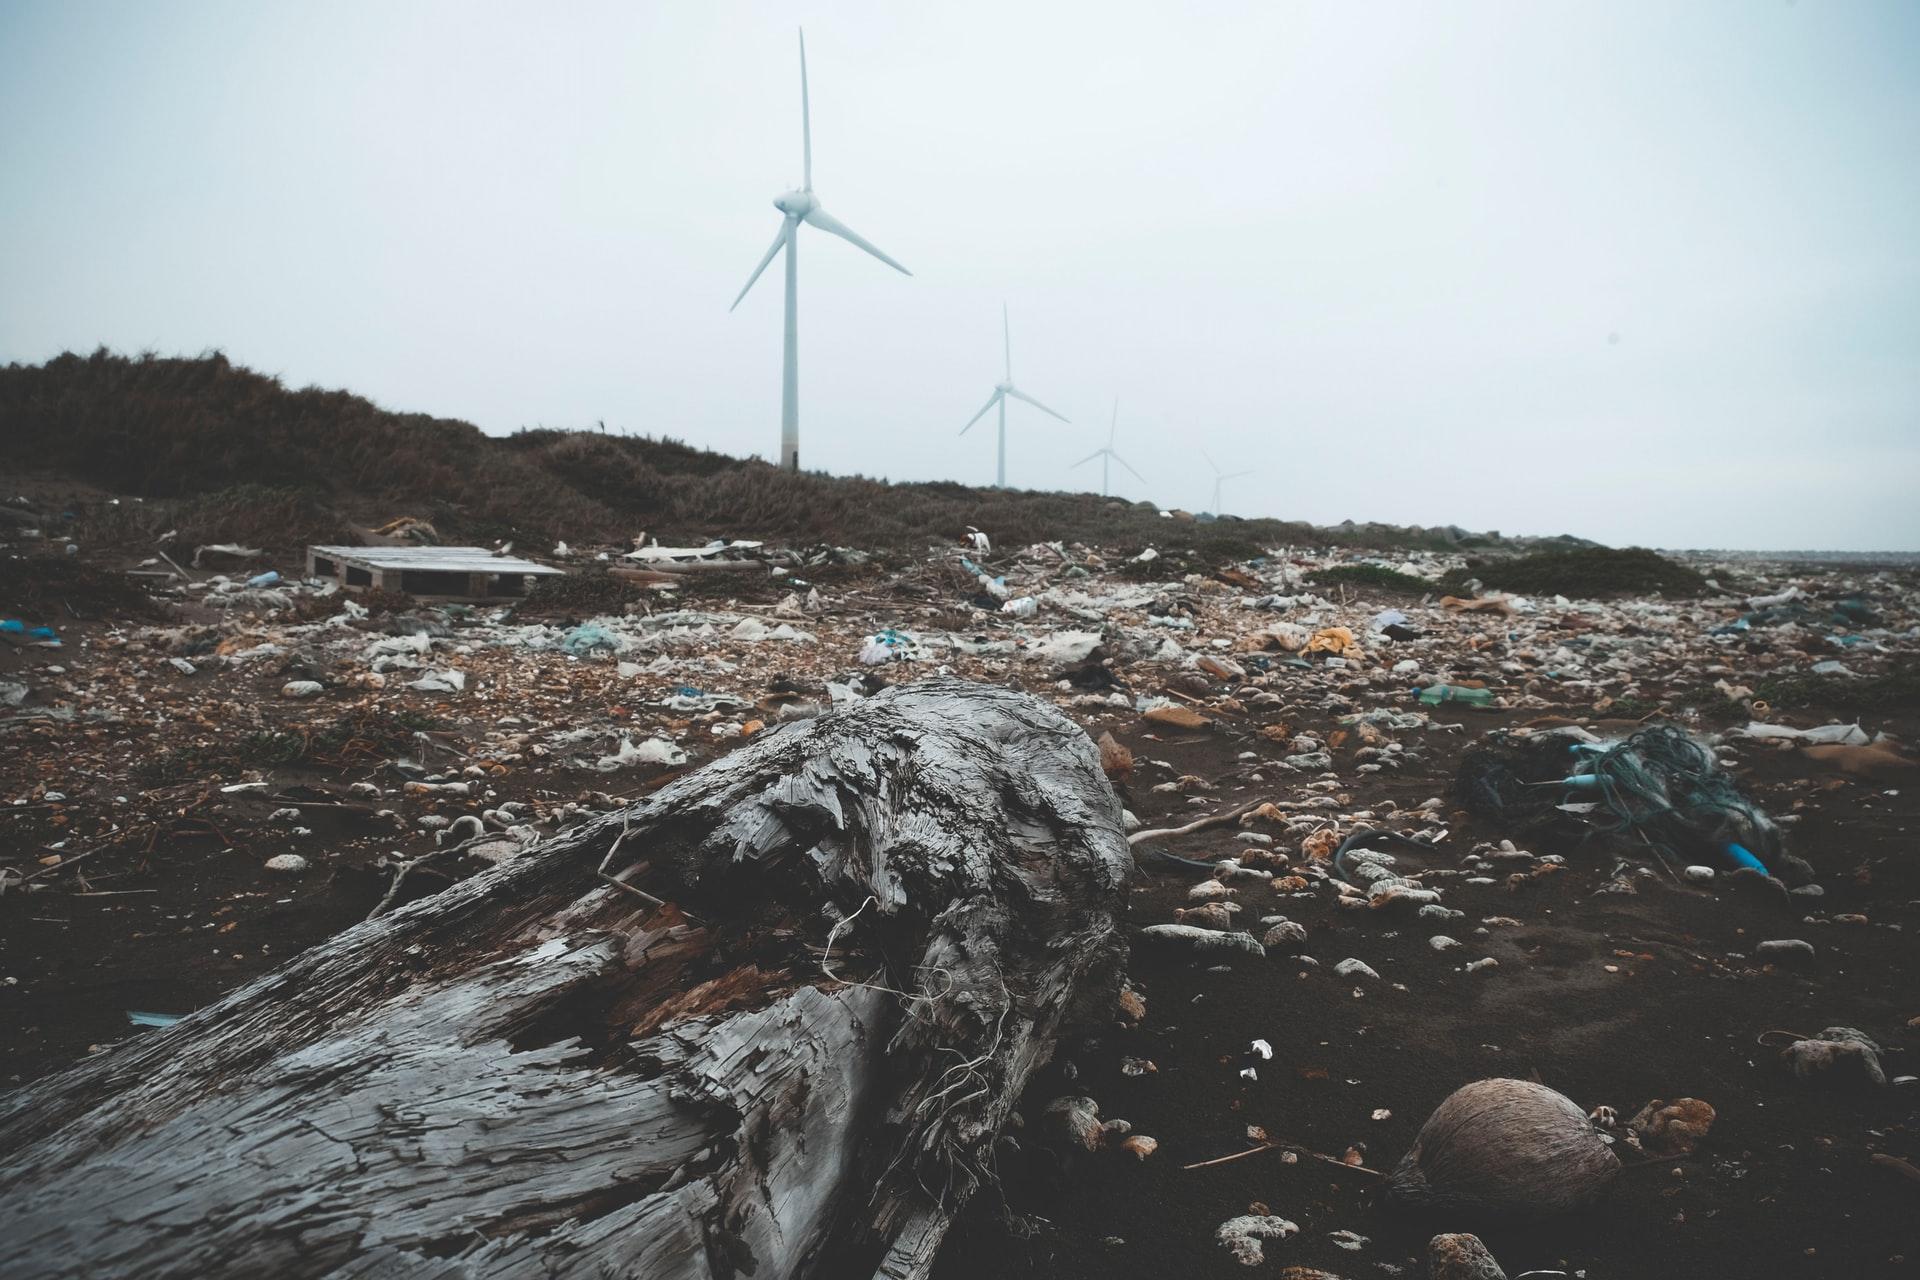 ゴミ処理所へ持ち込みのヘッダー画像